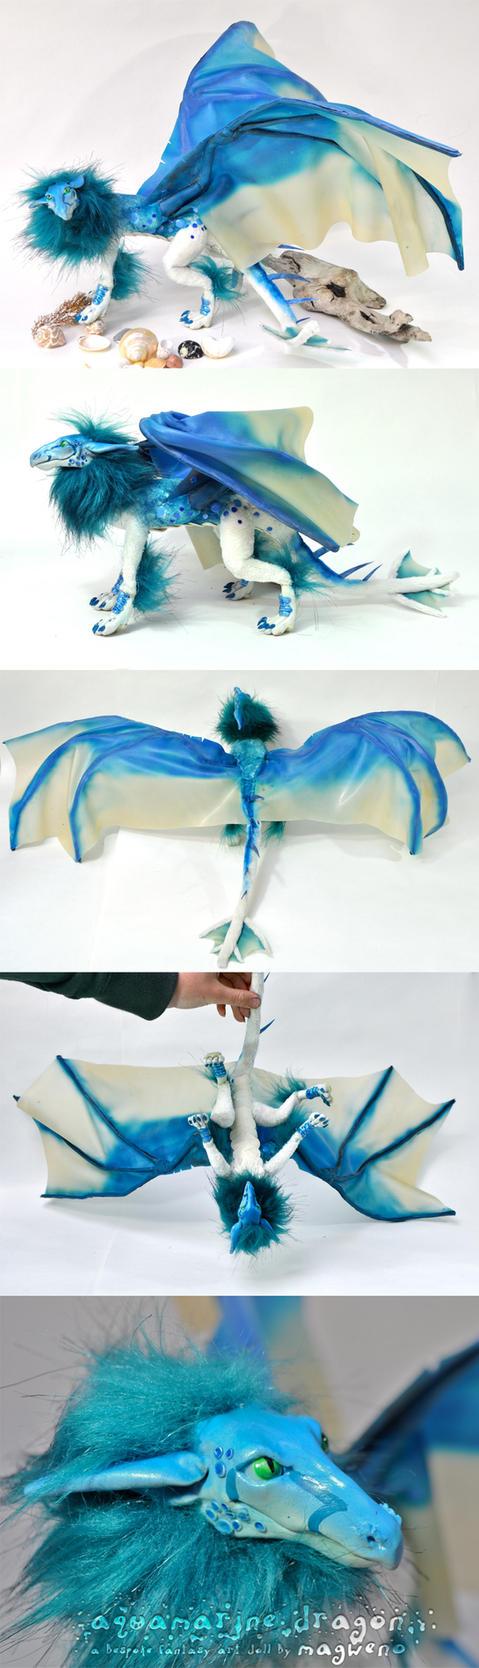 Commission: Aquamarine Dragon by Magweno